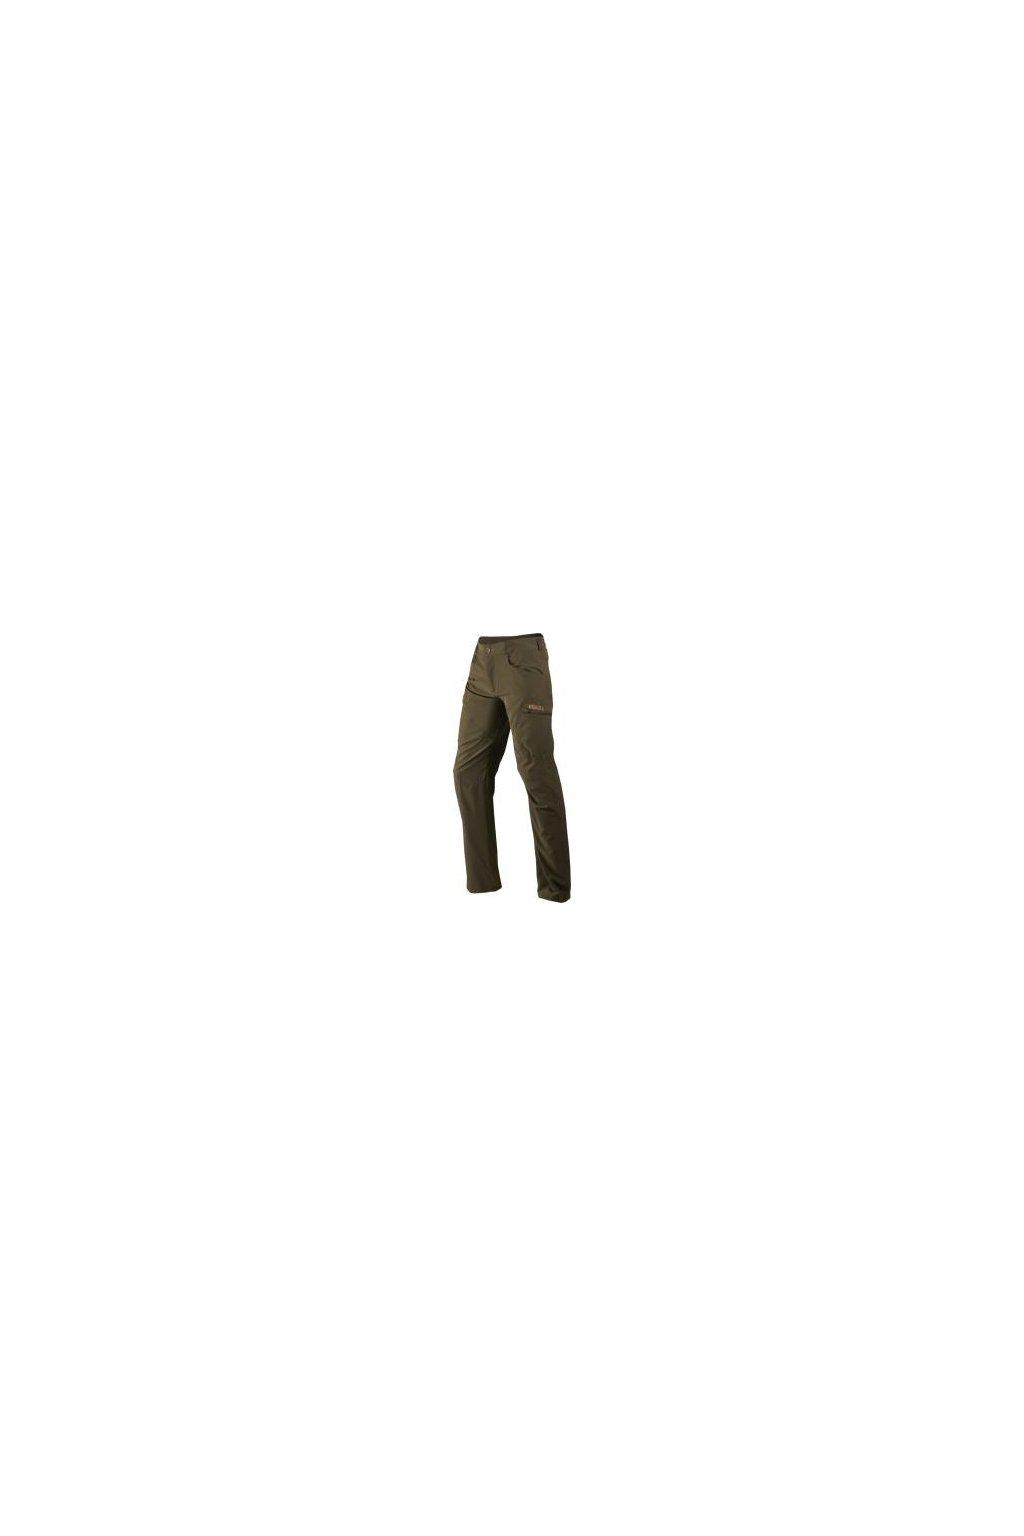 harkila herlet tech kalhoty puinskun tmavur zelenun 5ae082c3d260e m